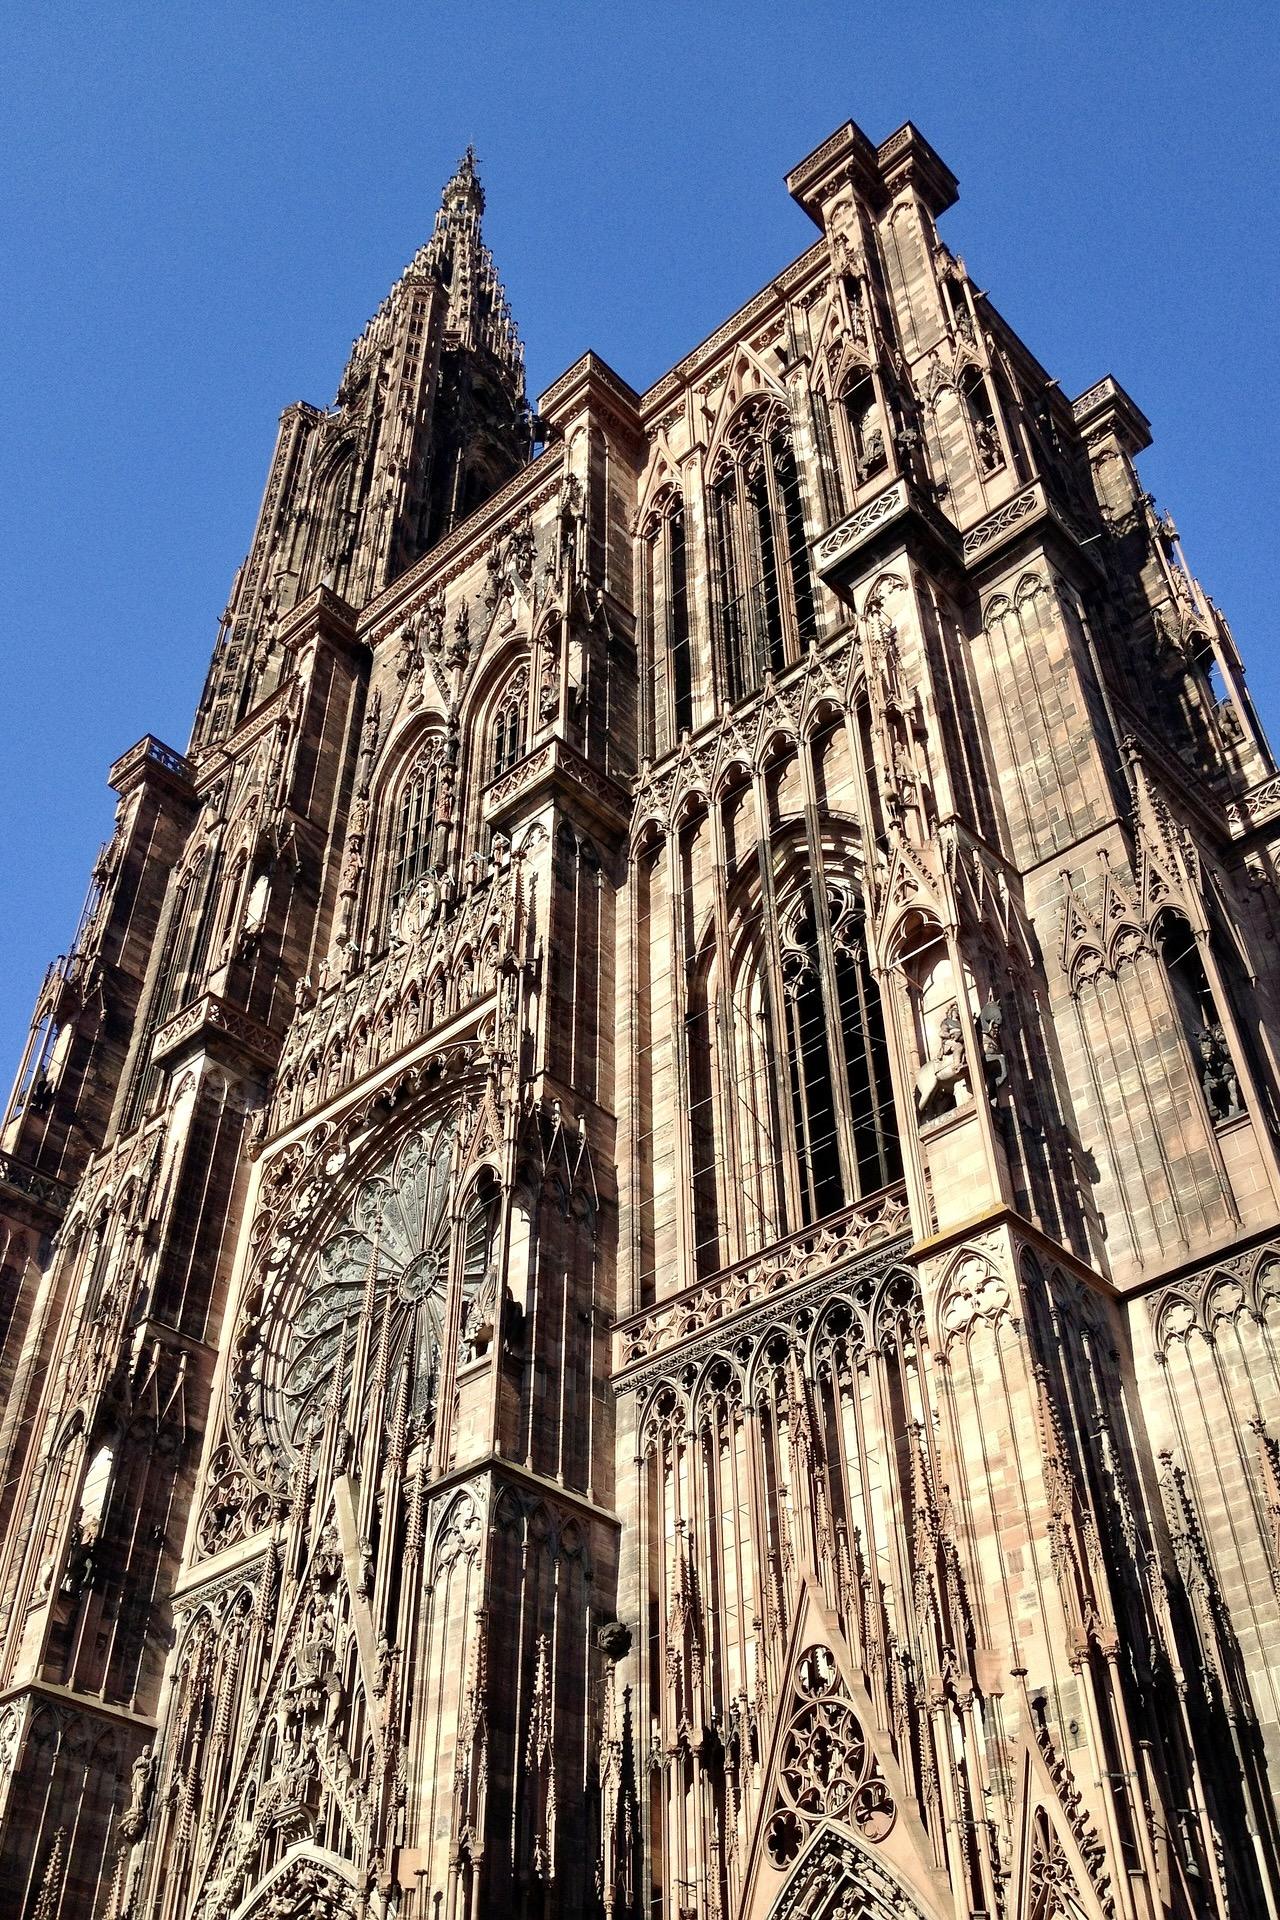 Straßbourg Münster gehört auch zu den Frankreich Sehenswürdigkeiten